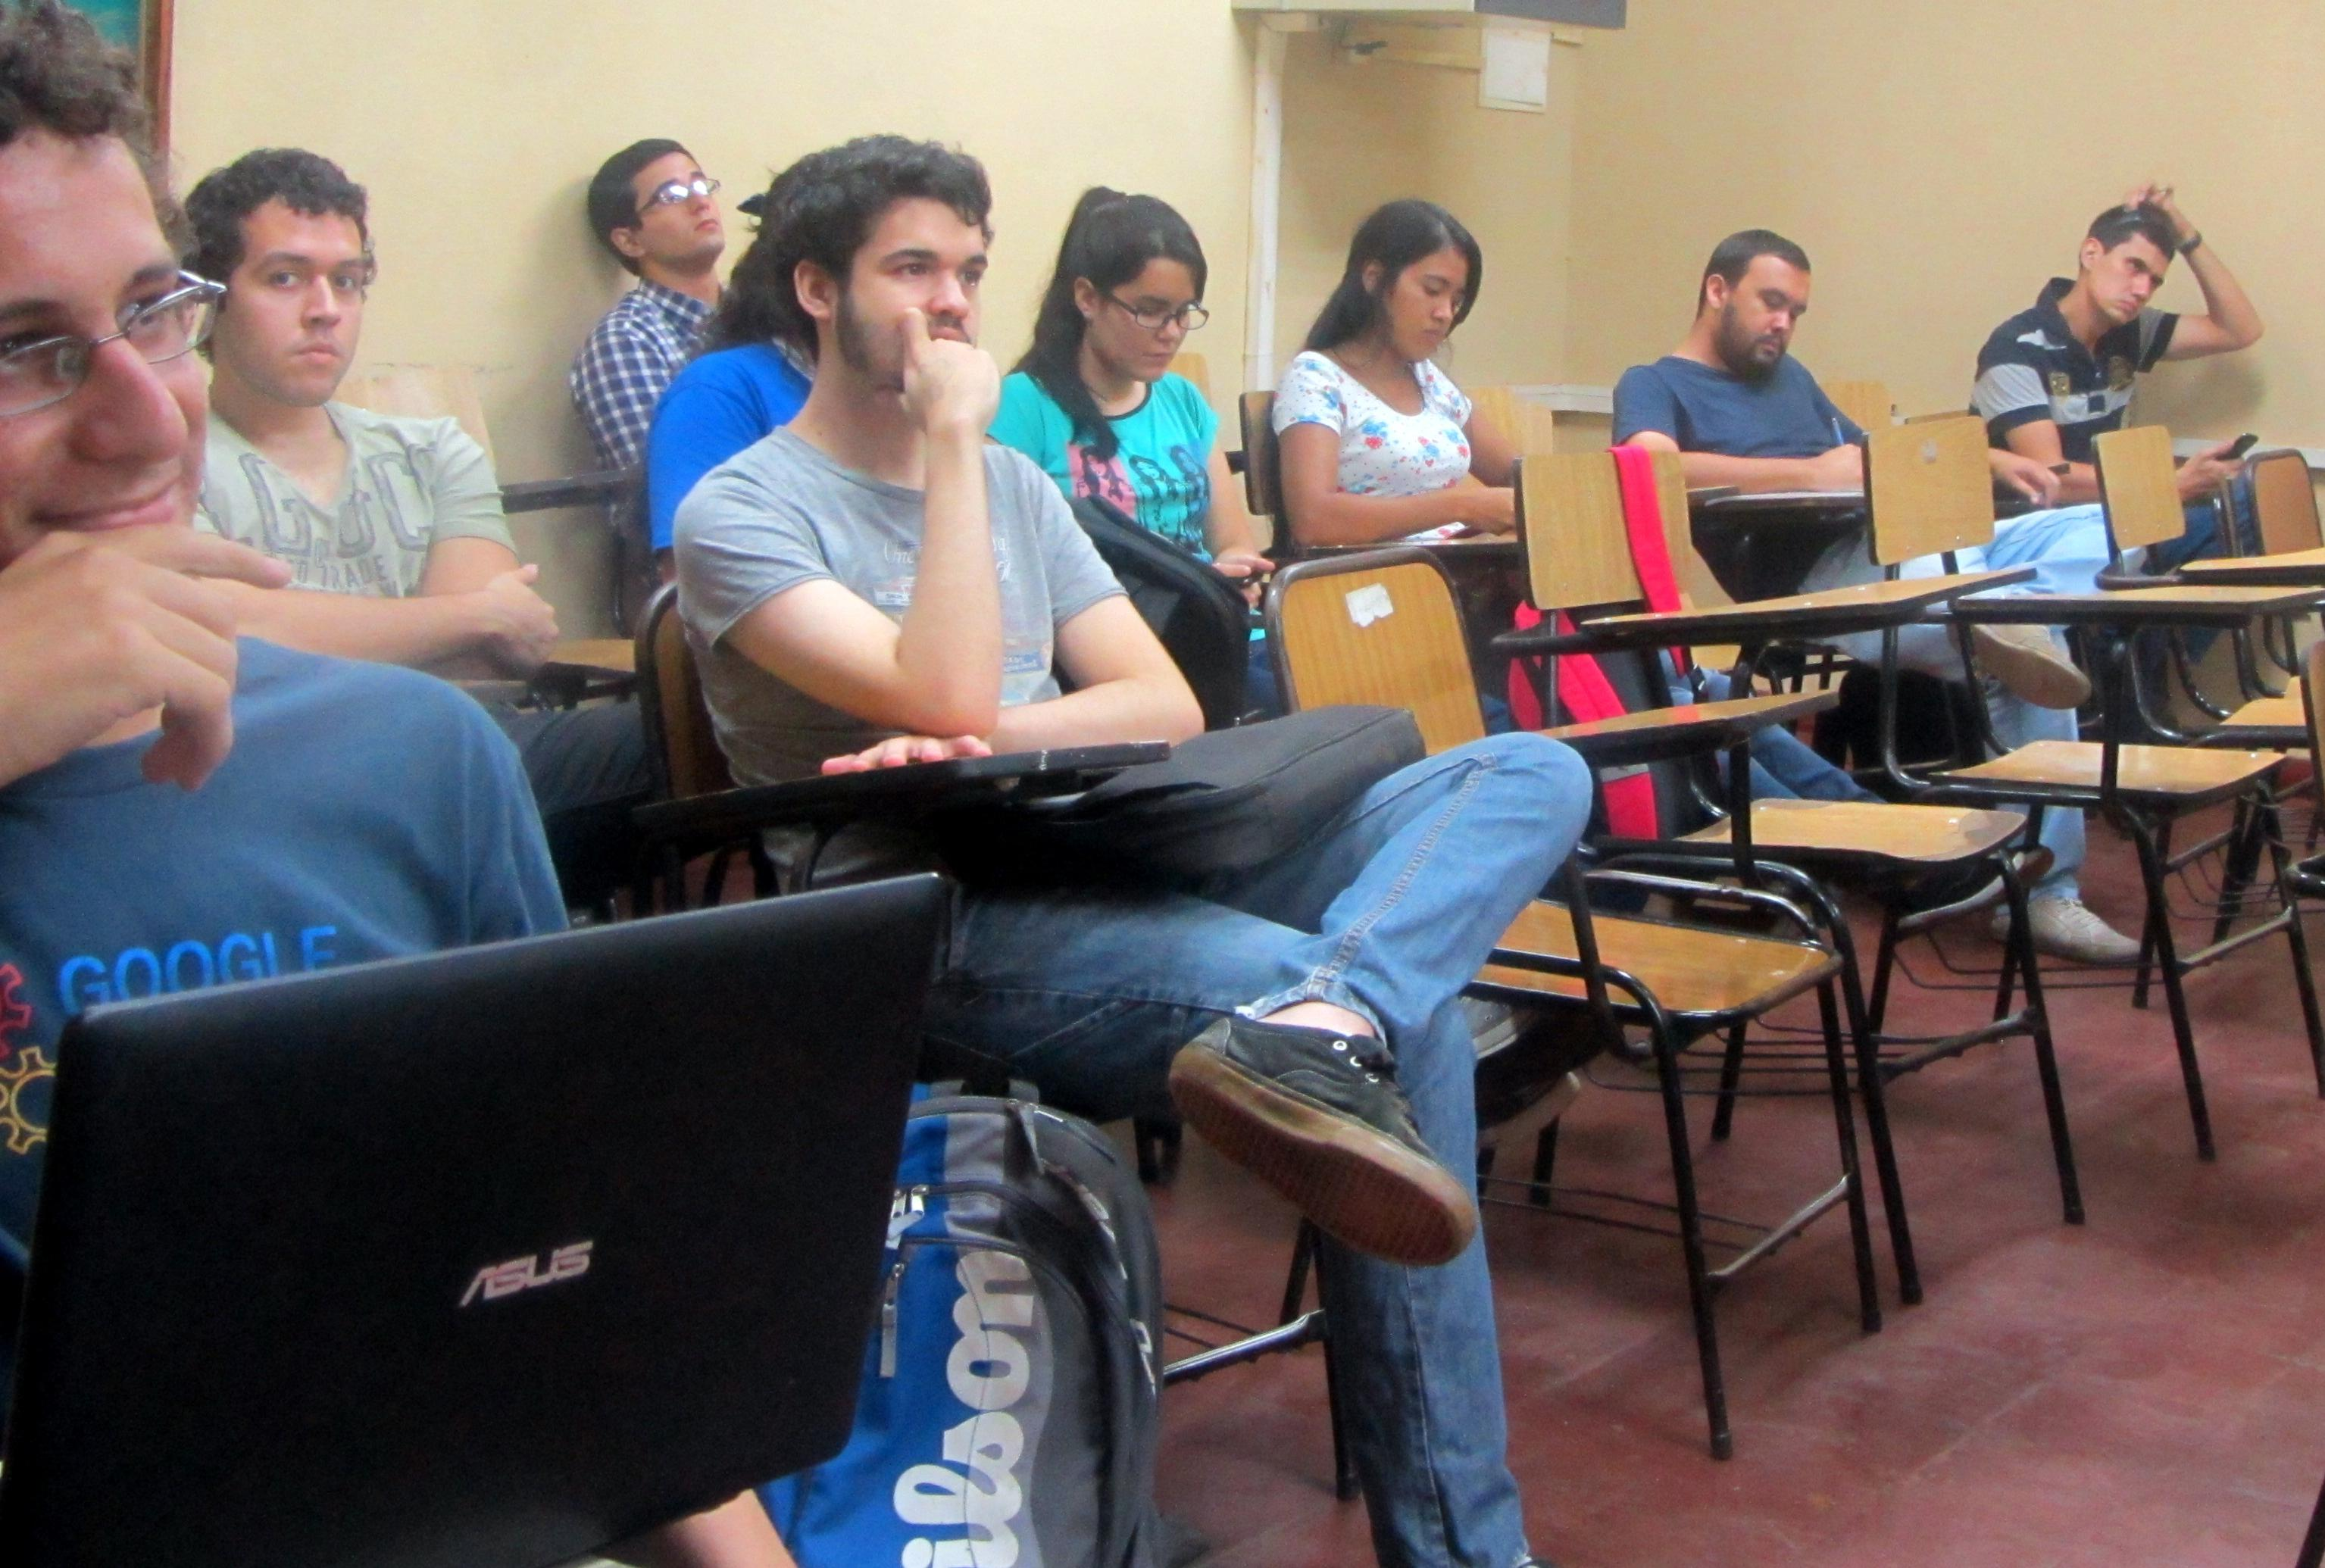 Charla informativa sobre Google Summer of Code